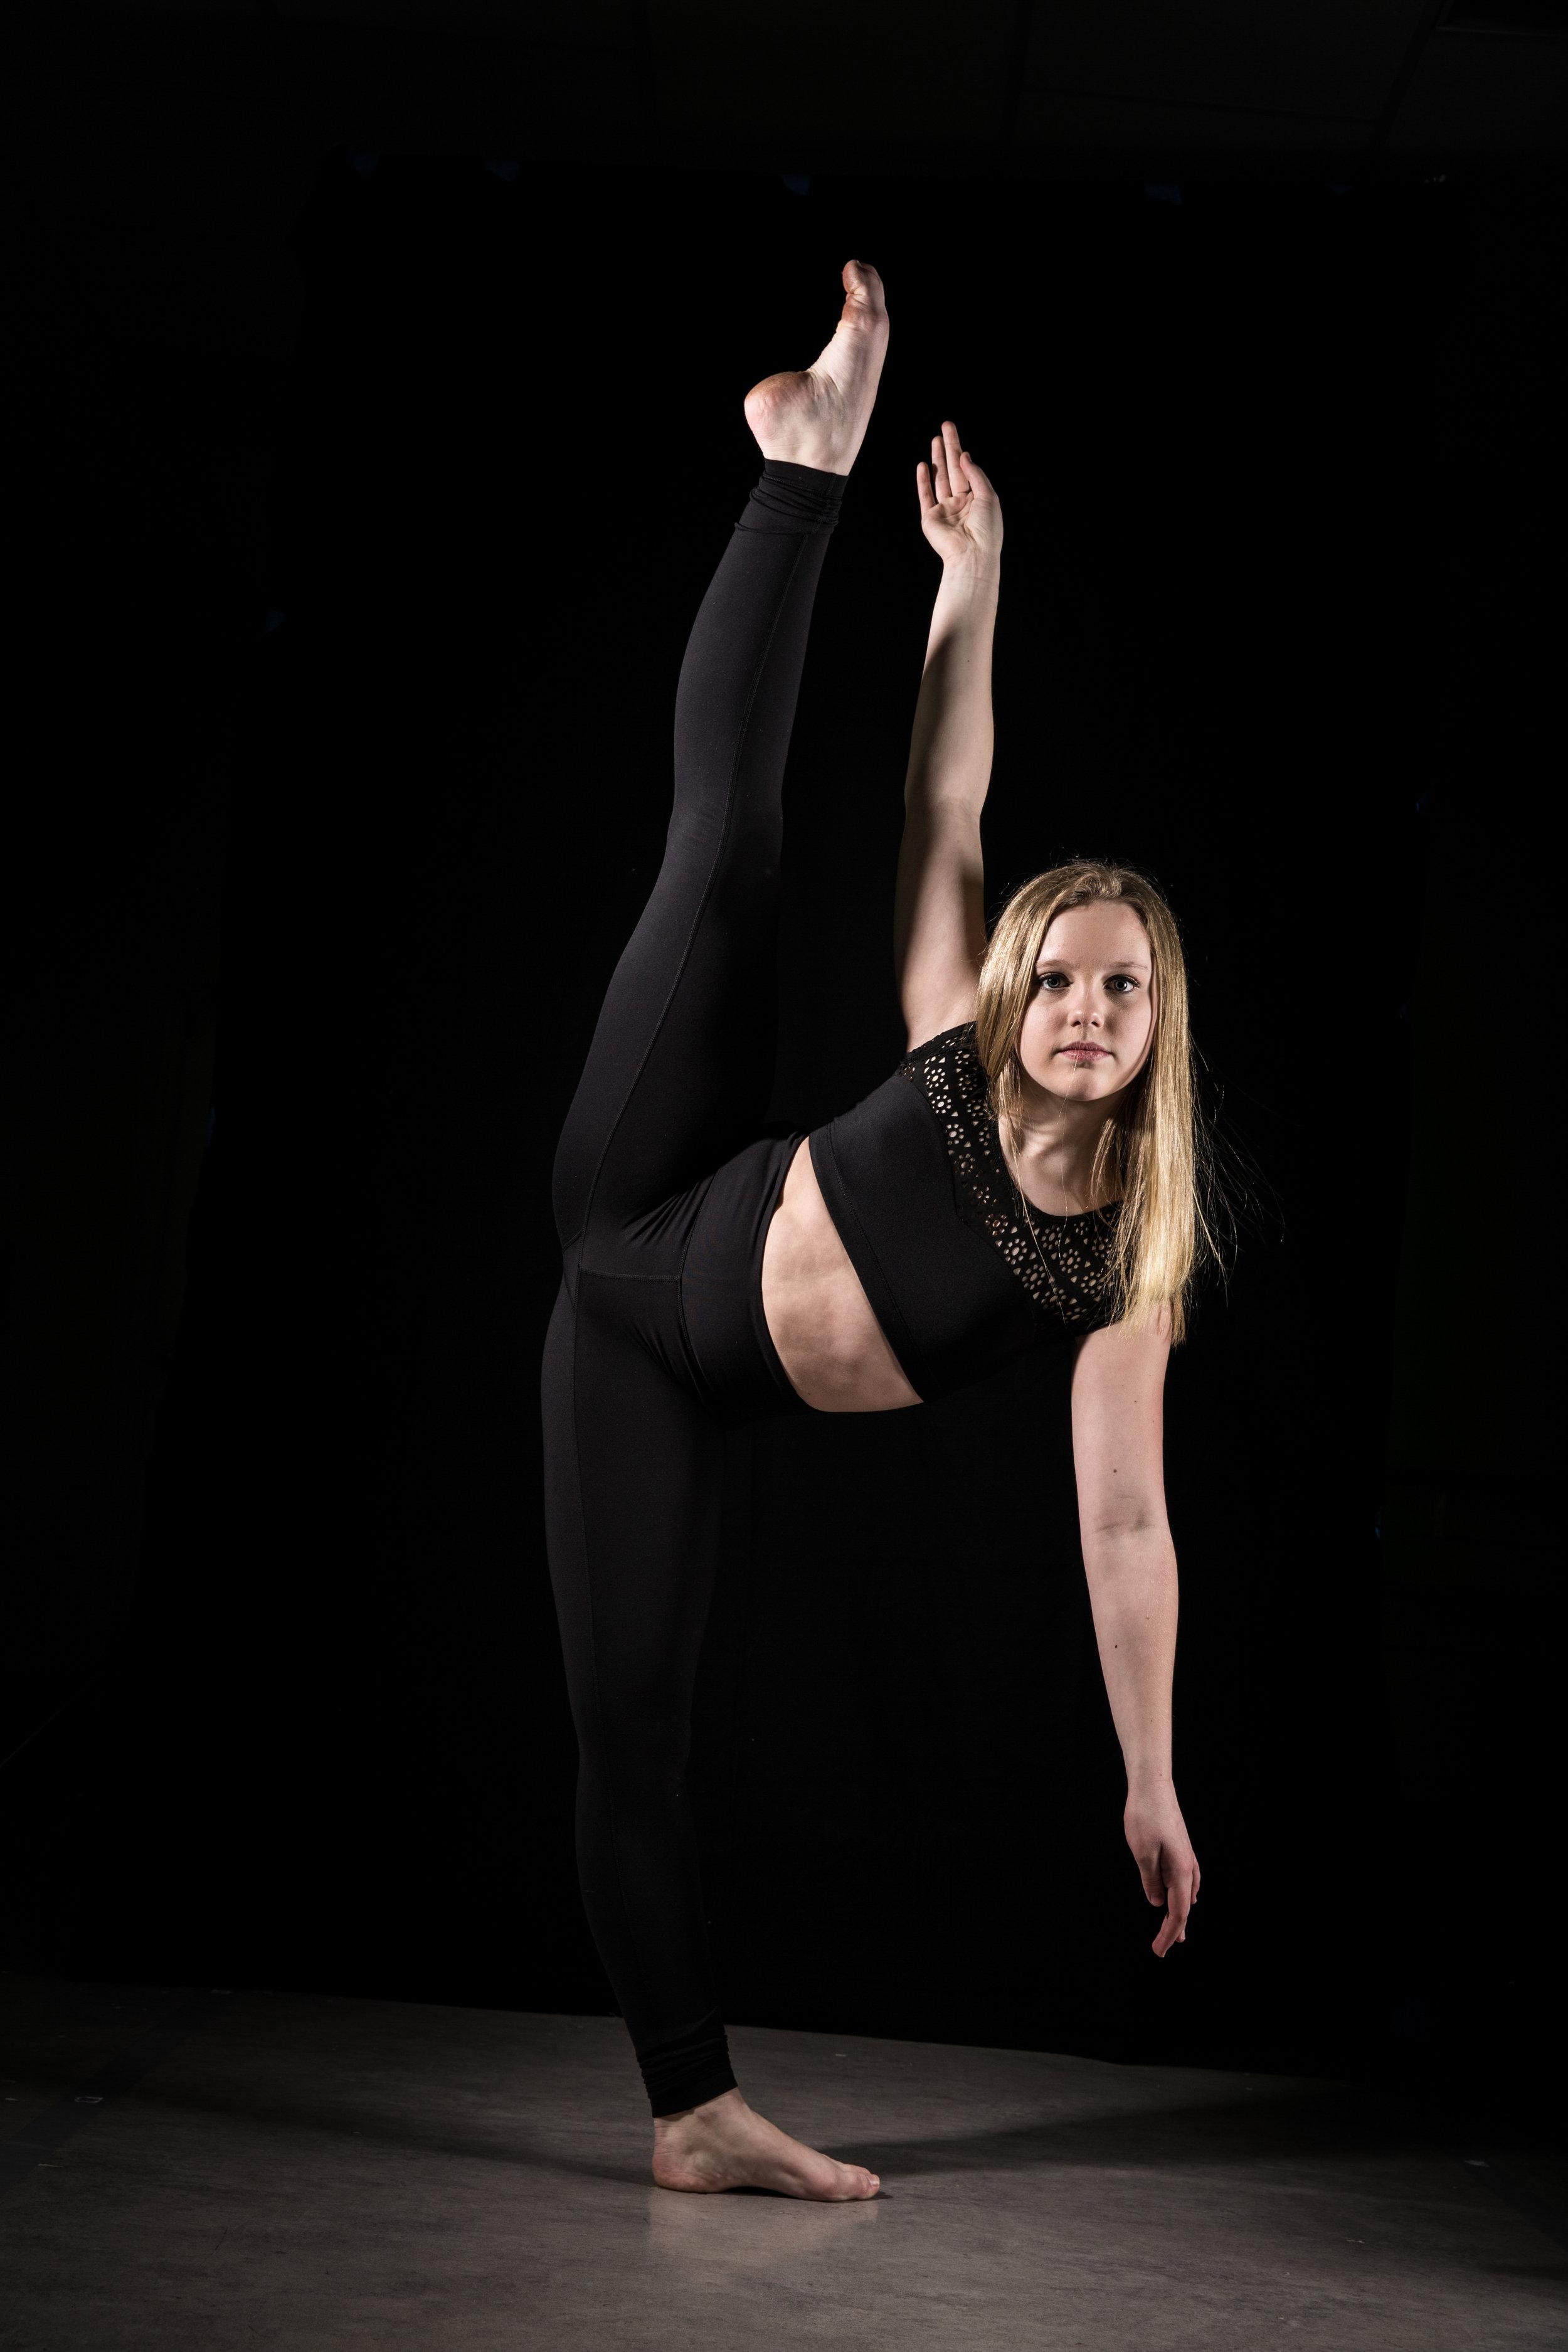 LR_Express_Dancer_Series-11.jpg